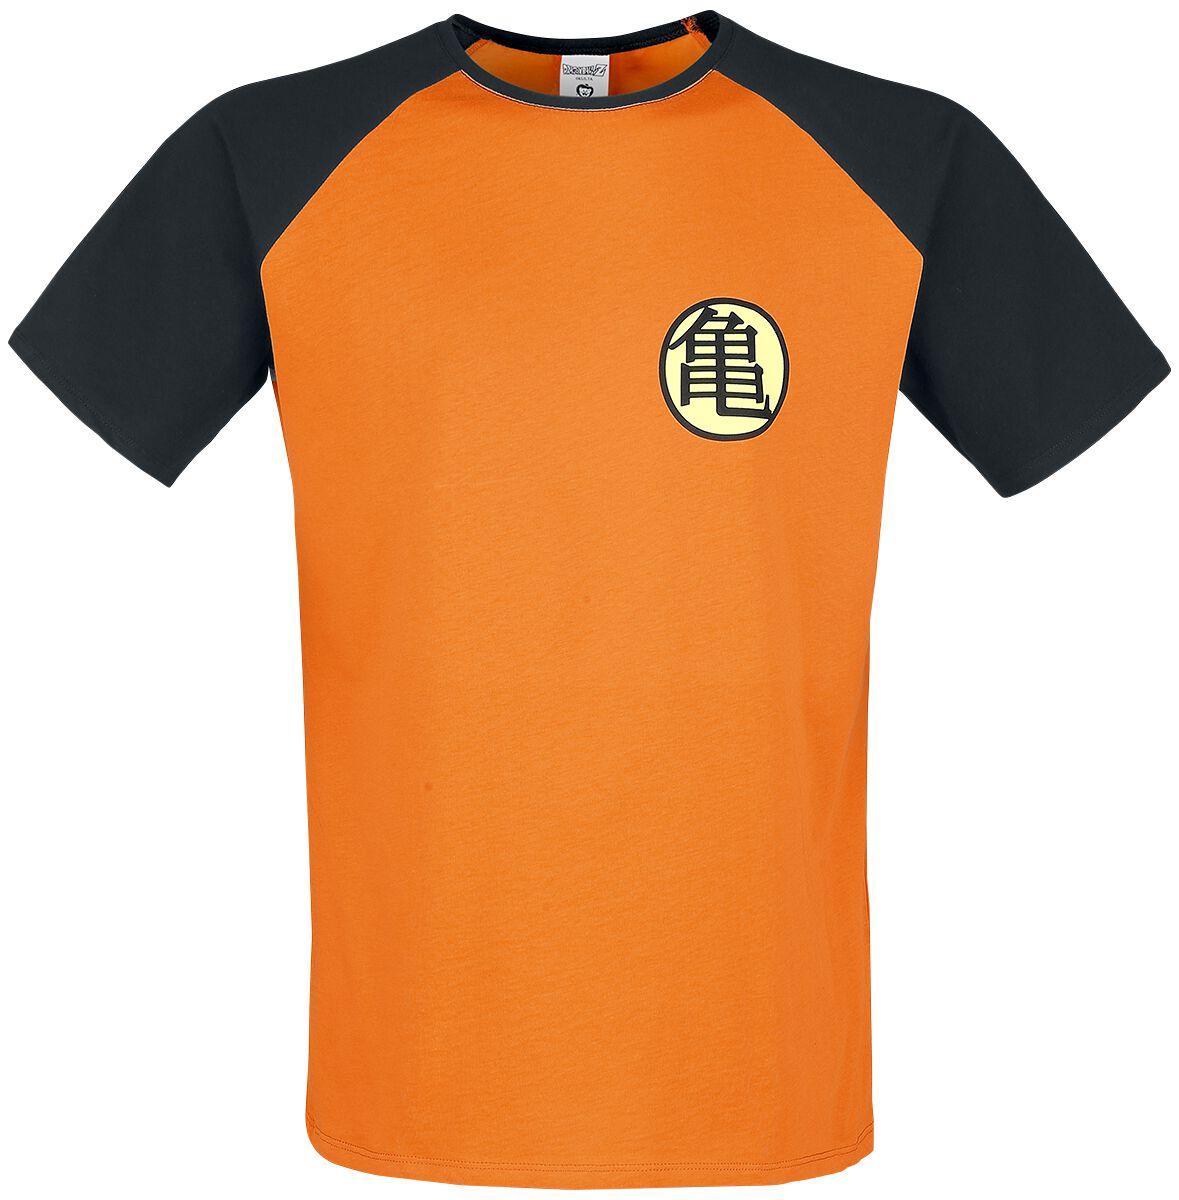 Merch dla Fanów - Koszulki - T-Shirt Dragon Ball Z - Kame Symbol T-Shirt pomarańczowy/czarny - 352525